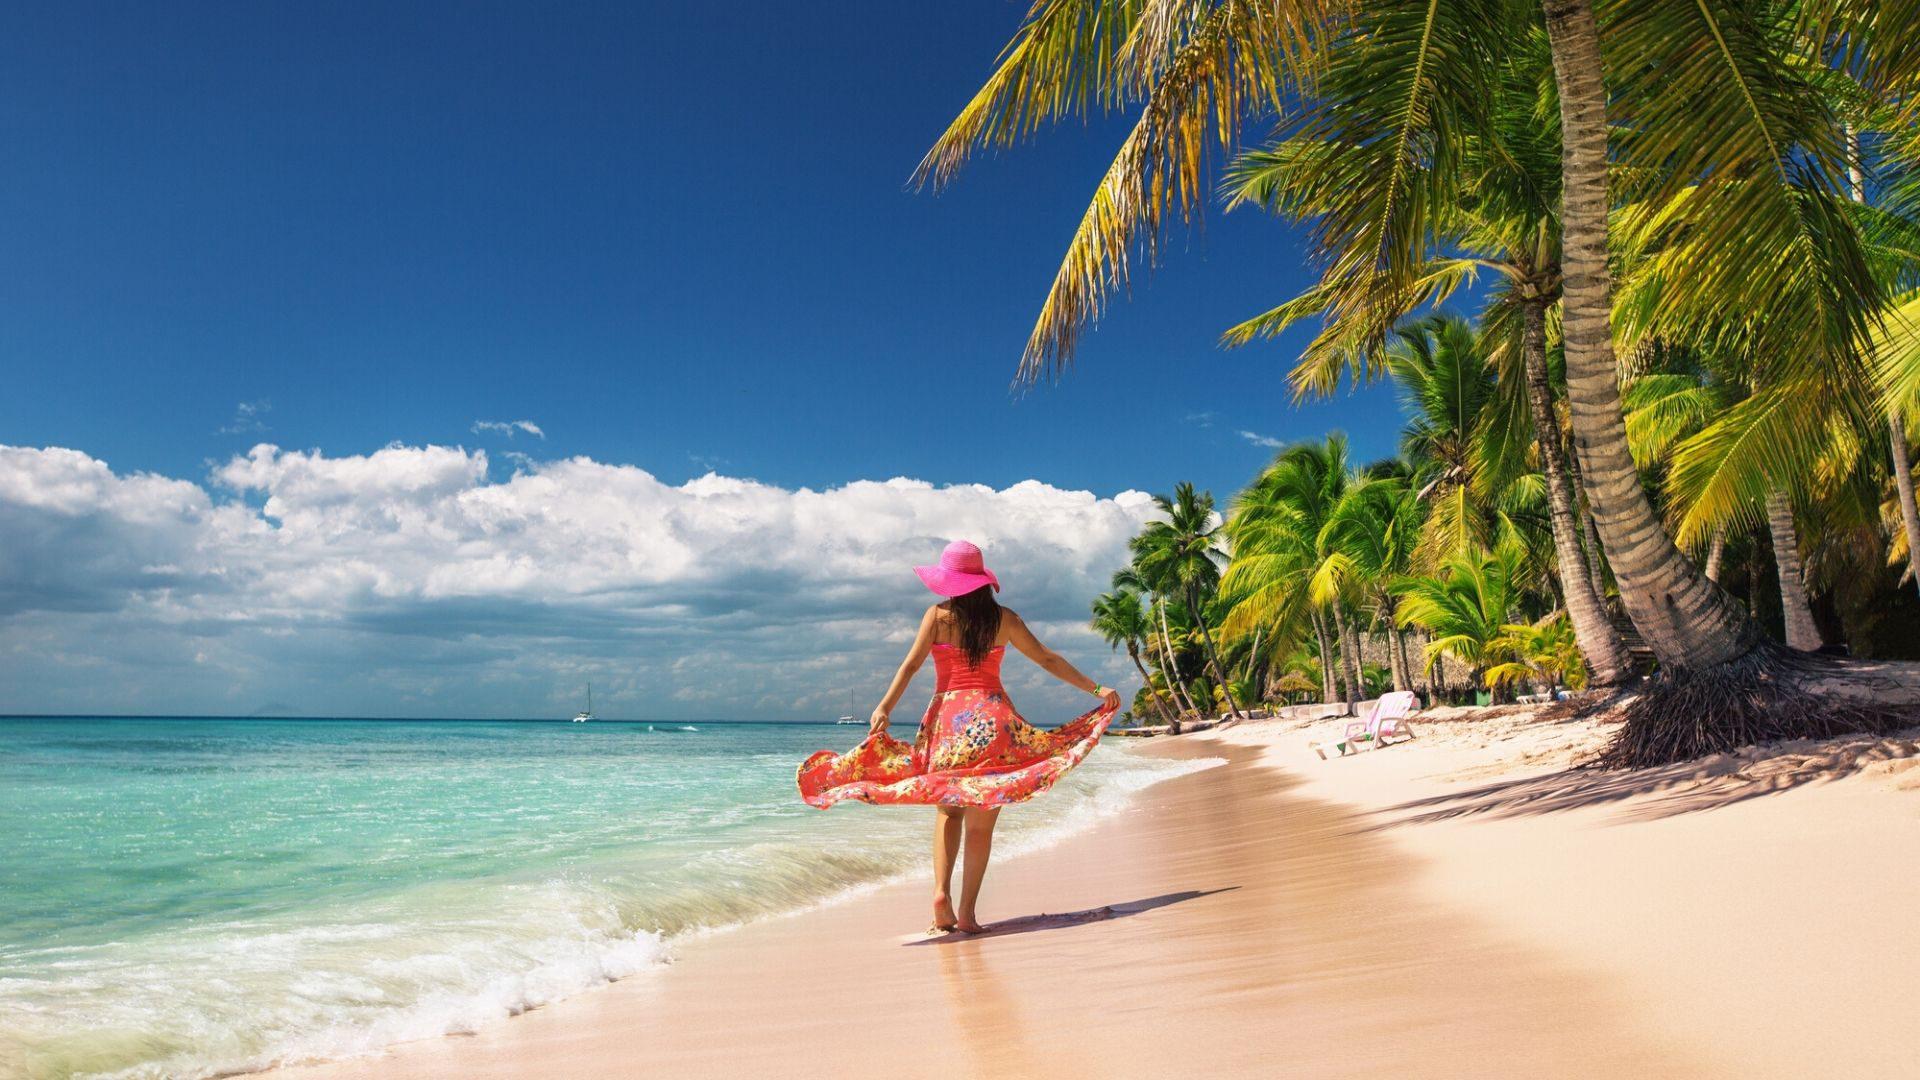 Kelionė į Dominikos Respubliką - puikus pasirinkimas išsiilgusiems karštų orų ir laukinės gamtos